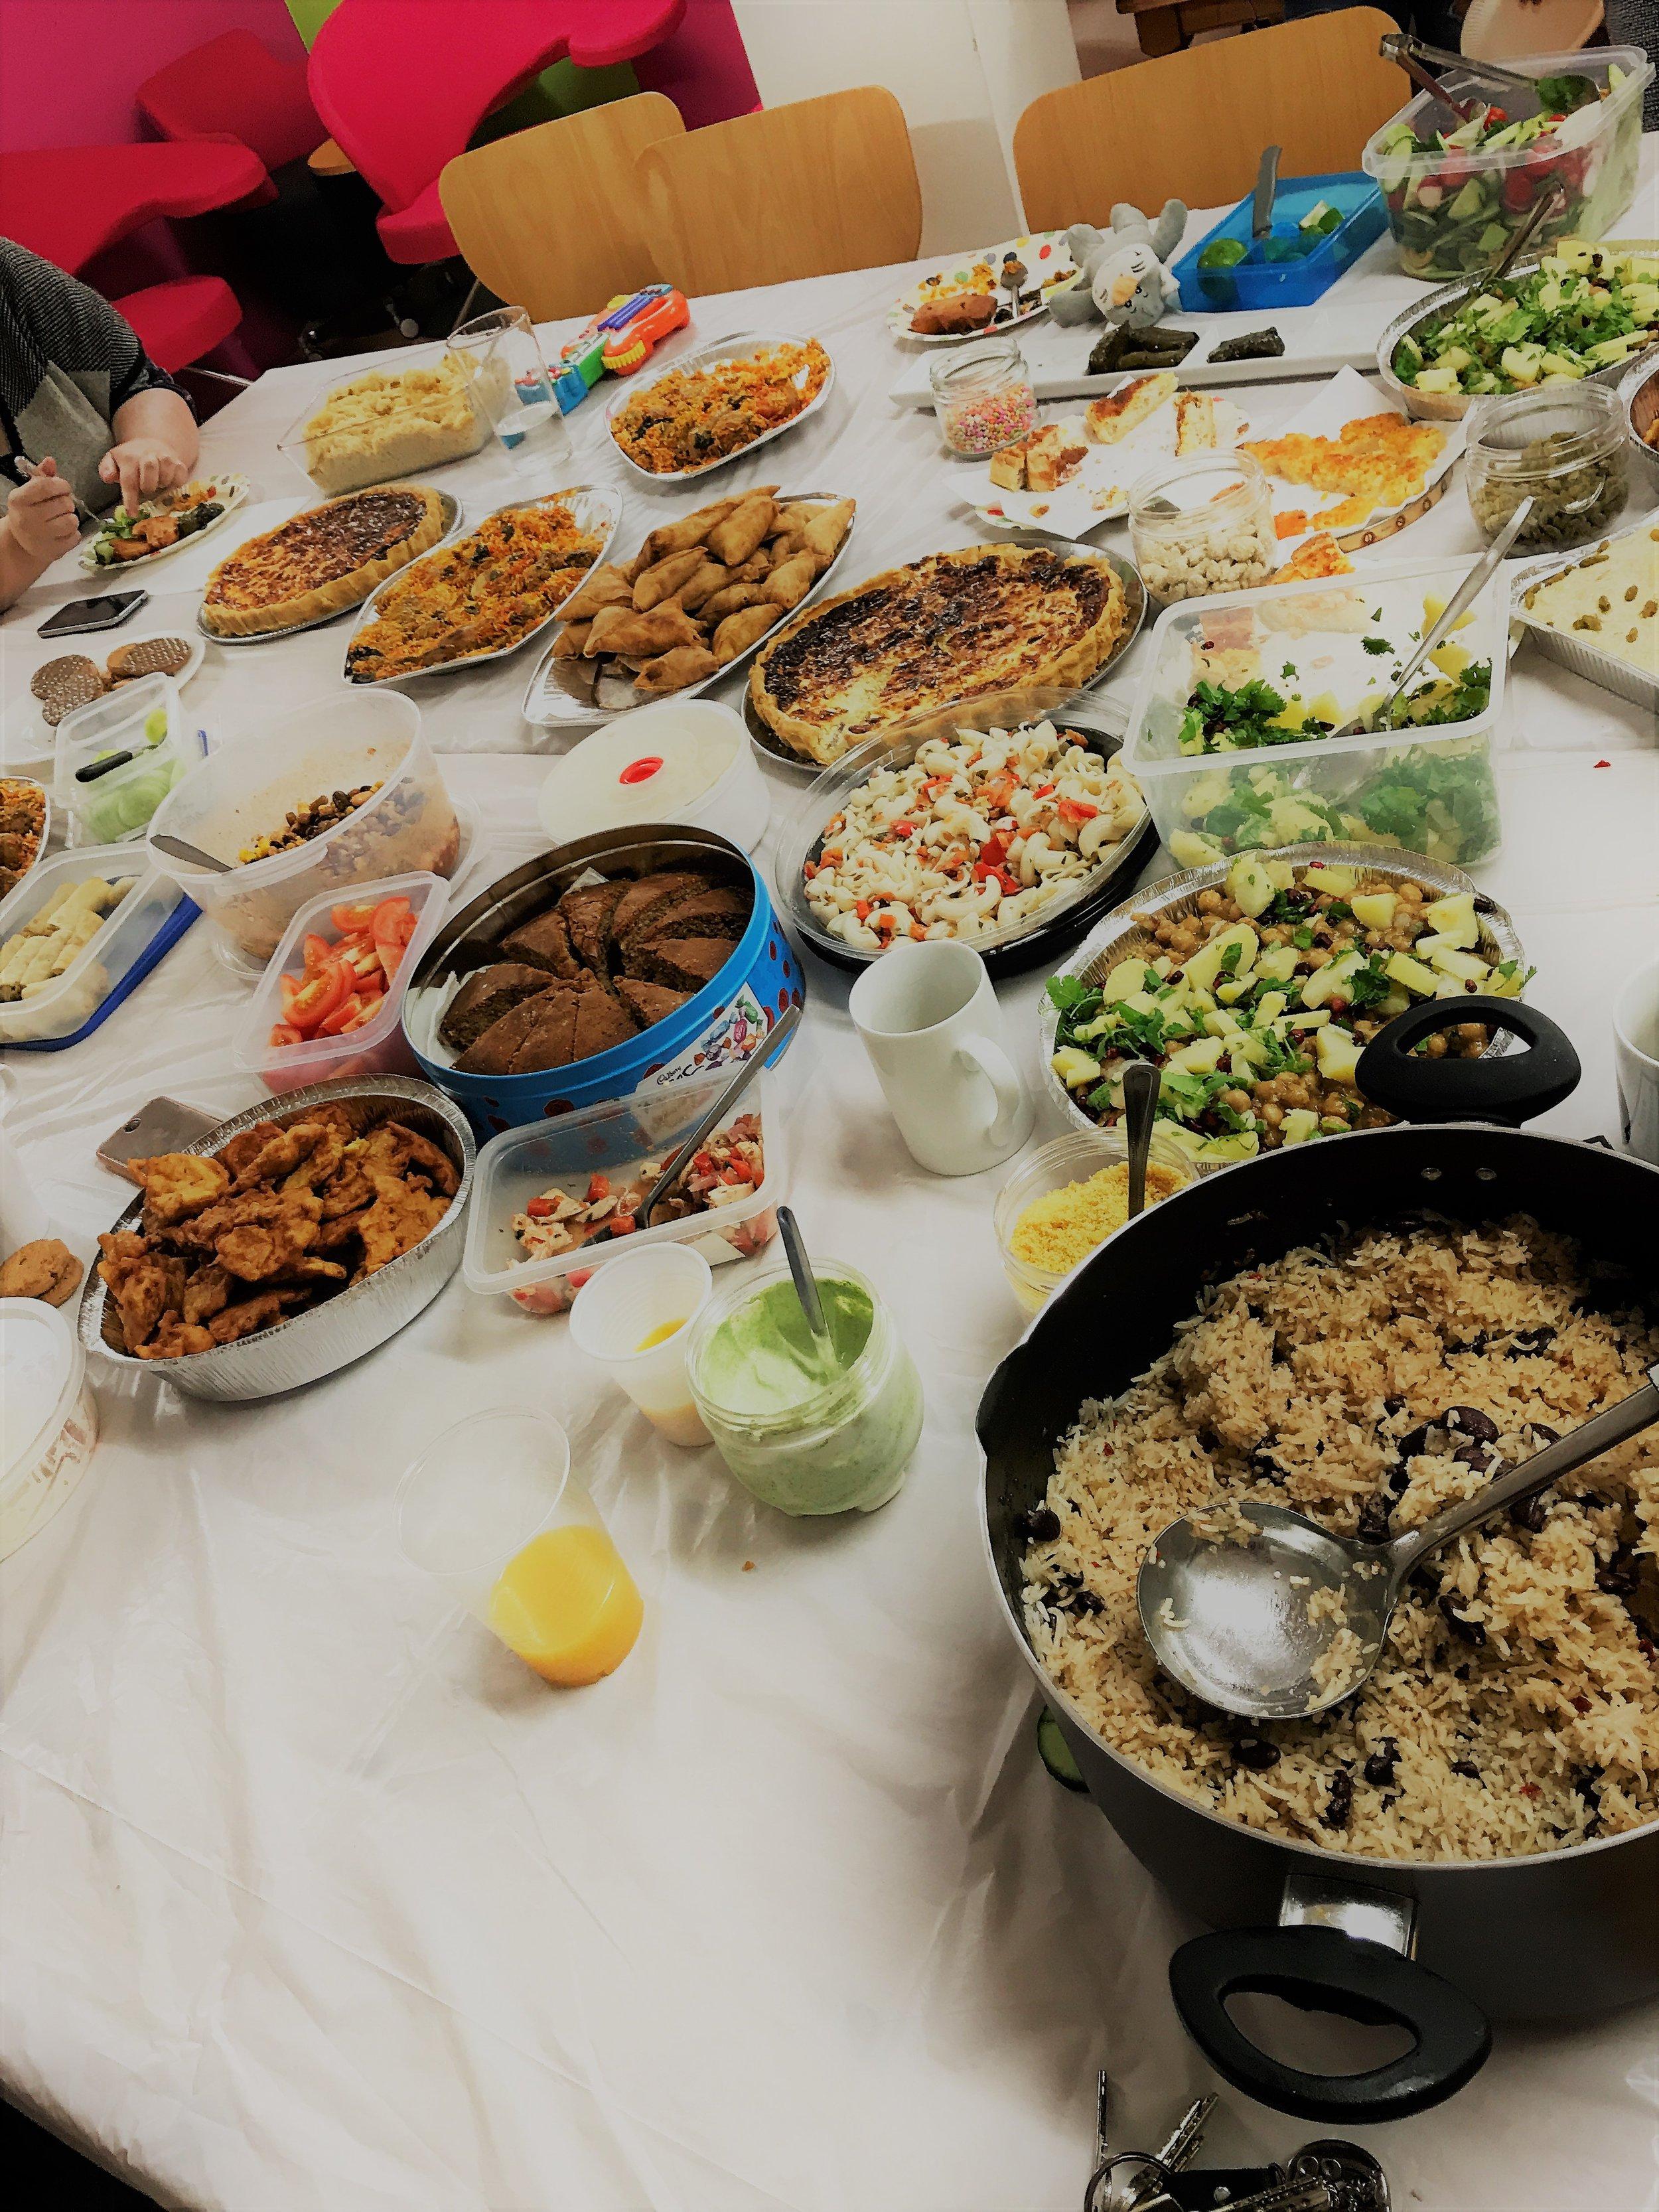 eid food on table.jpg